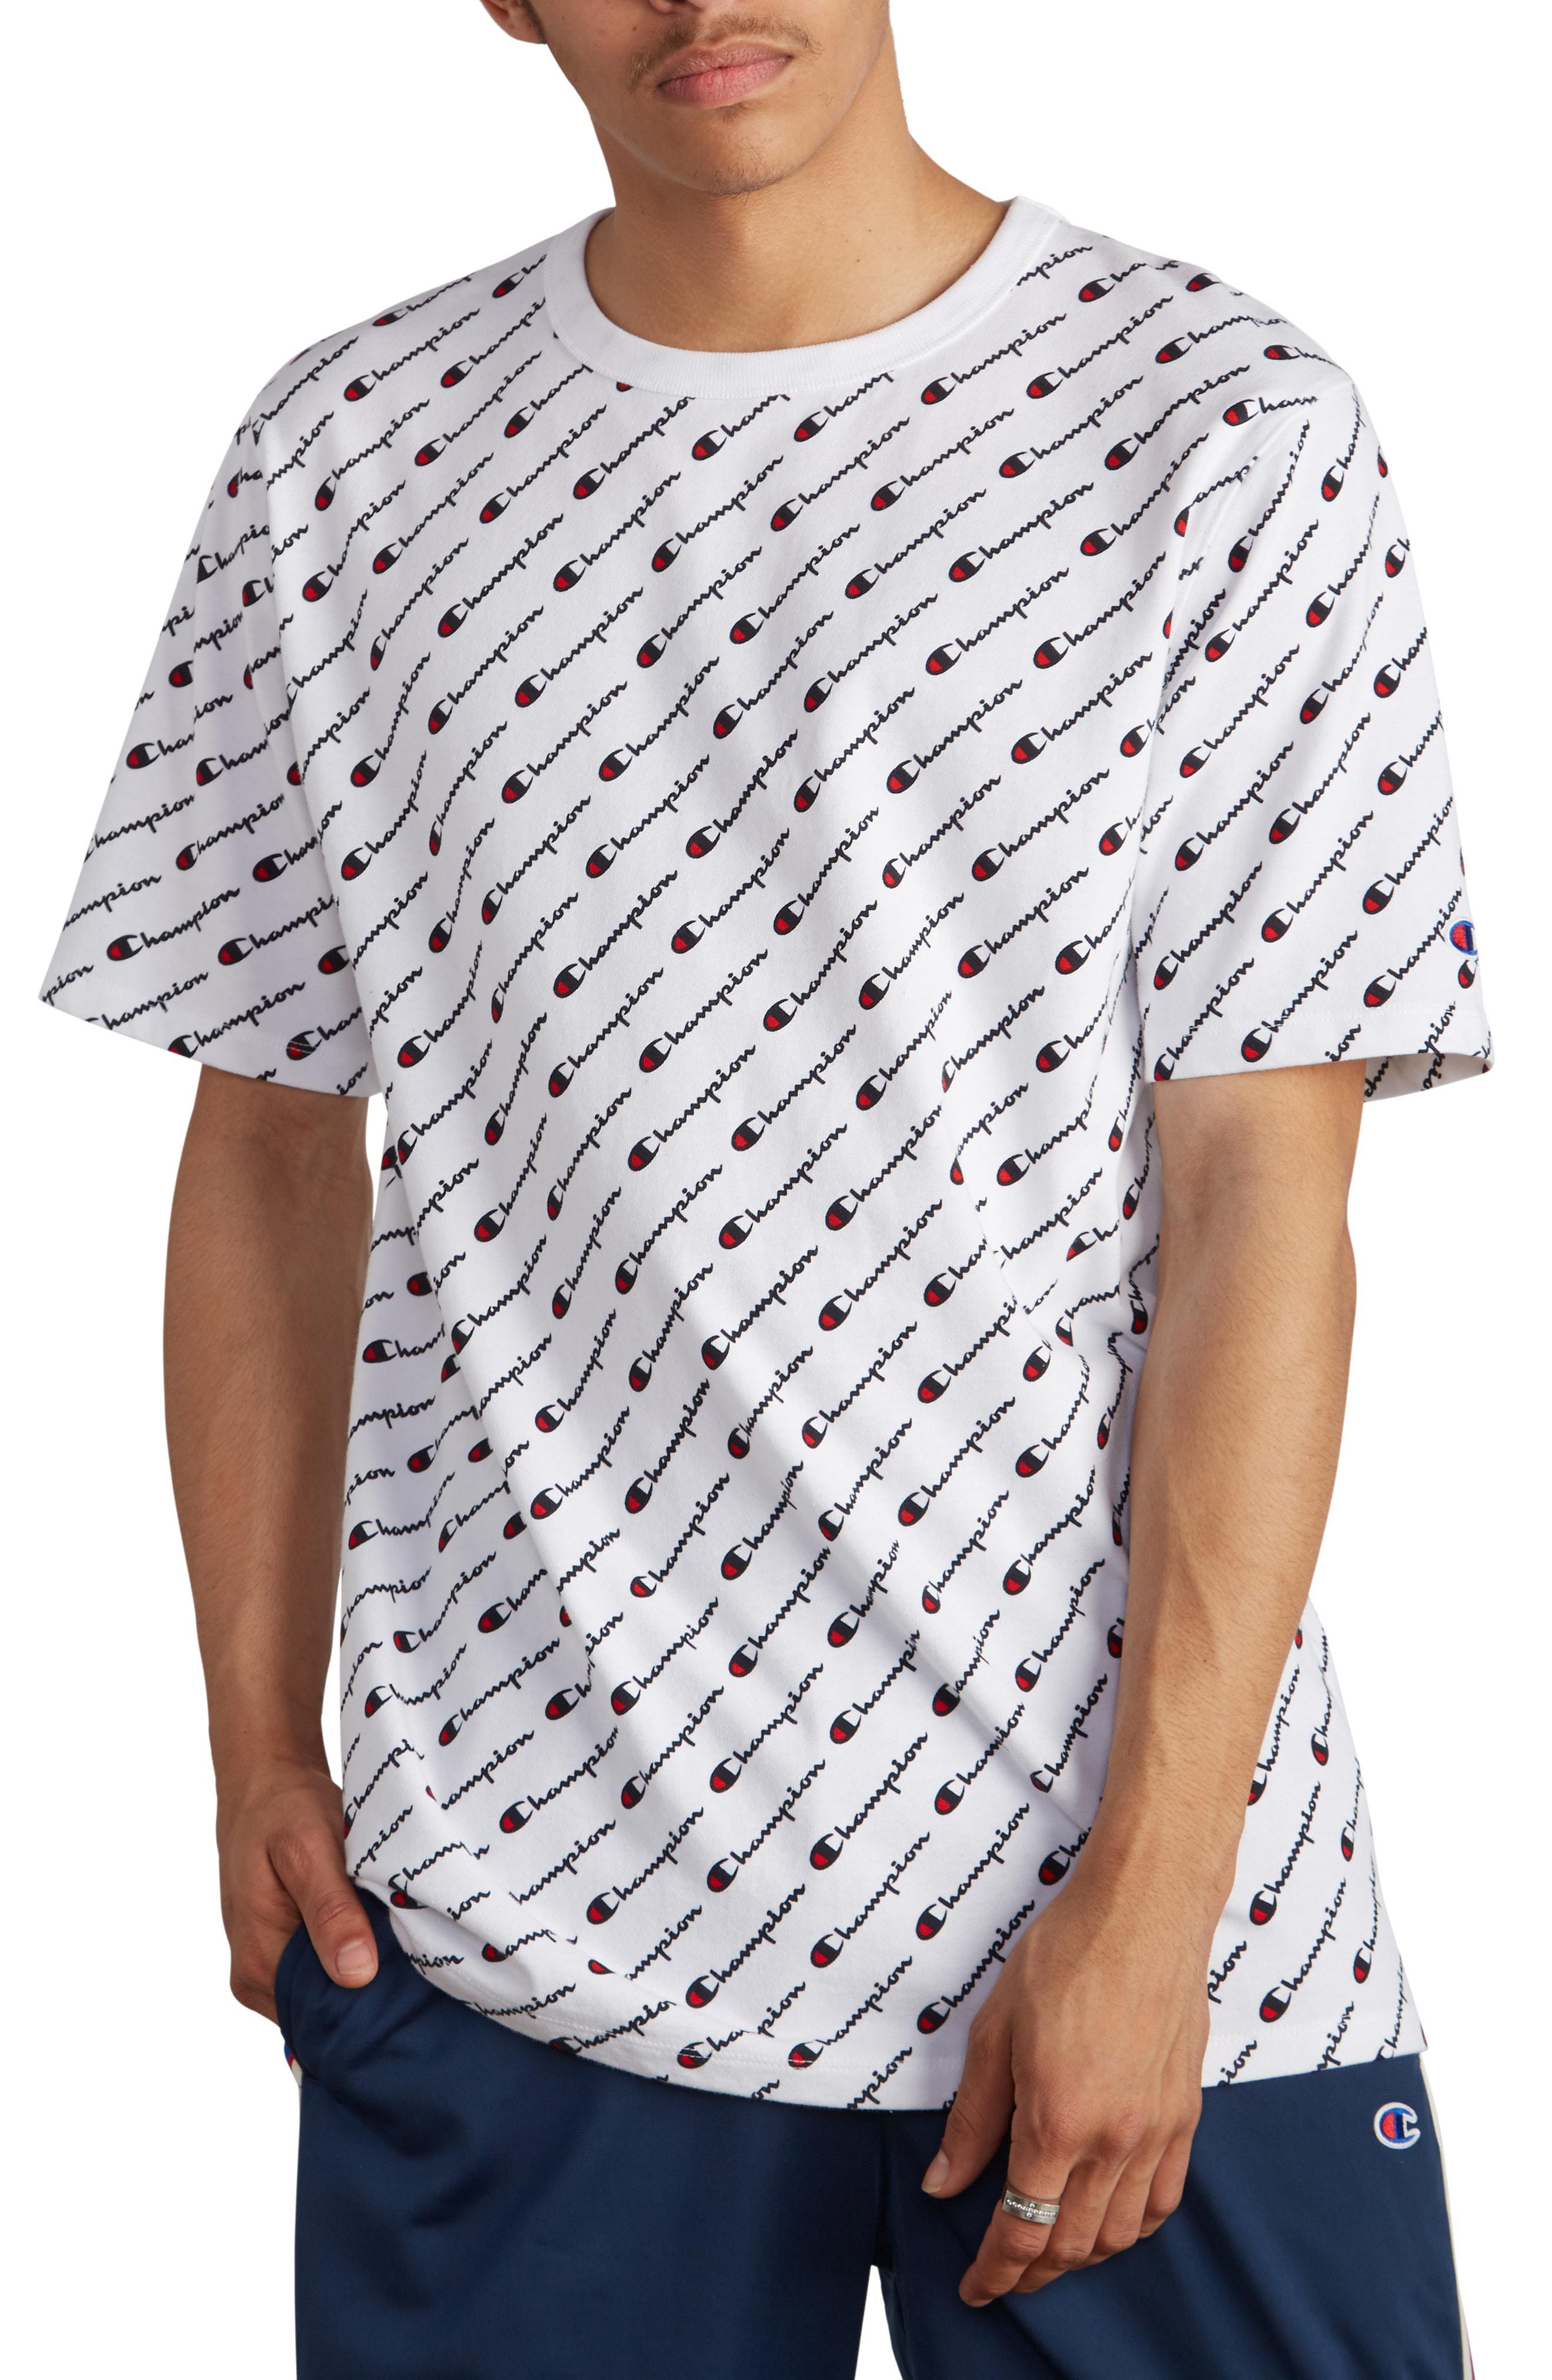 gorąca sprzedaż online najlepsza cena kody kuponów Allover Script Screen White Mens T-shirt